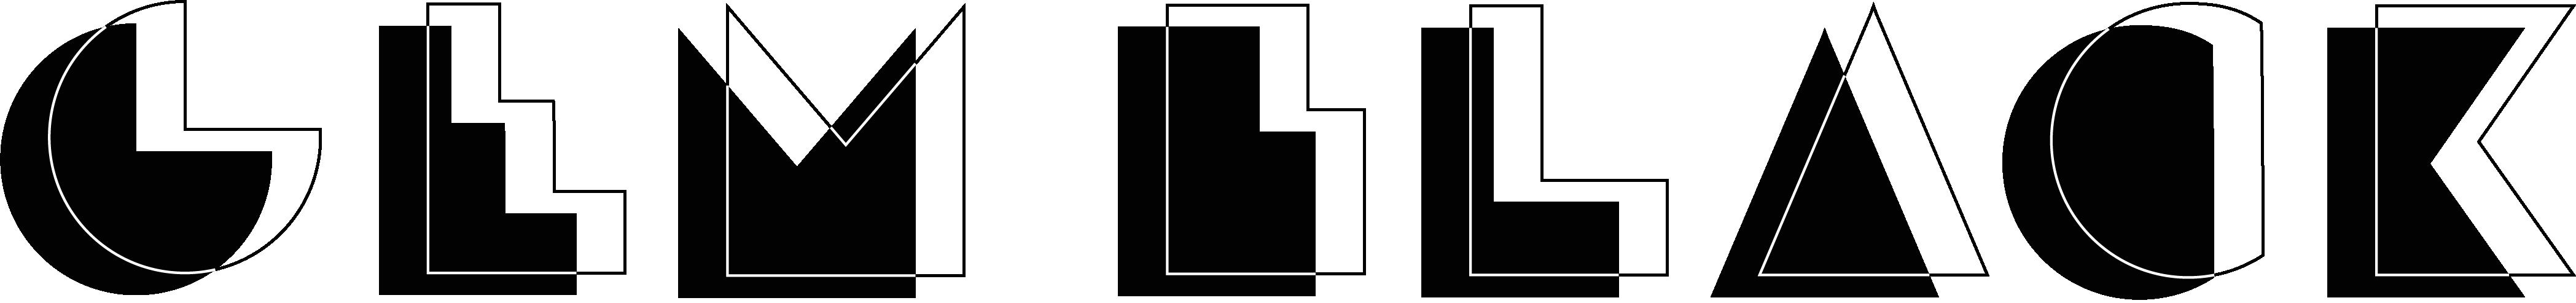 Gem Black Website Design